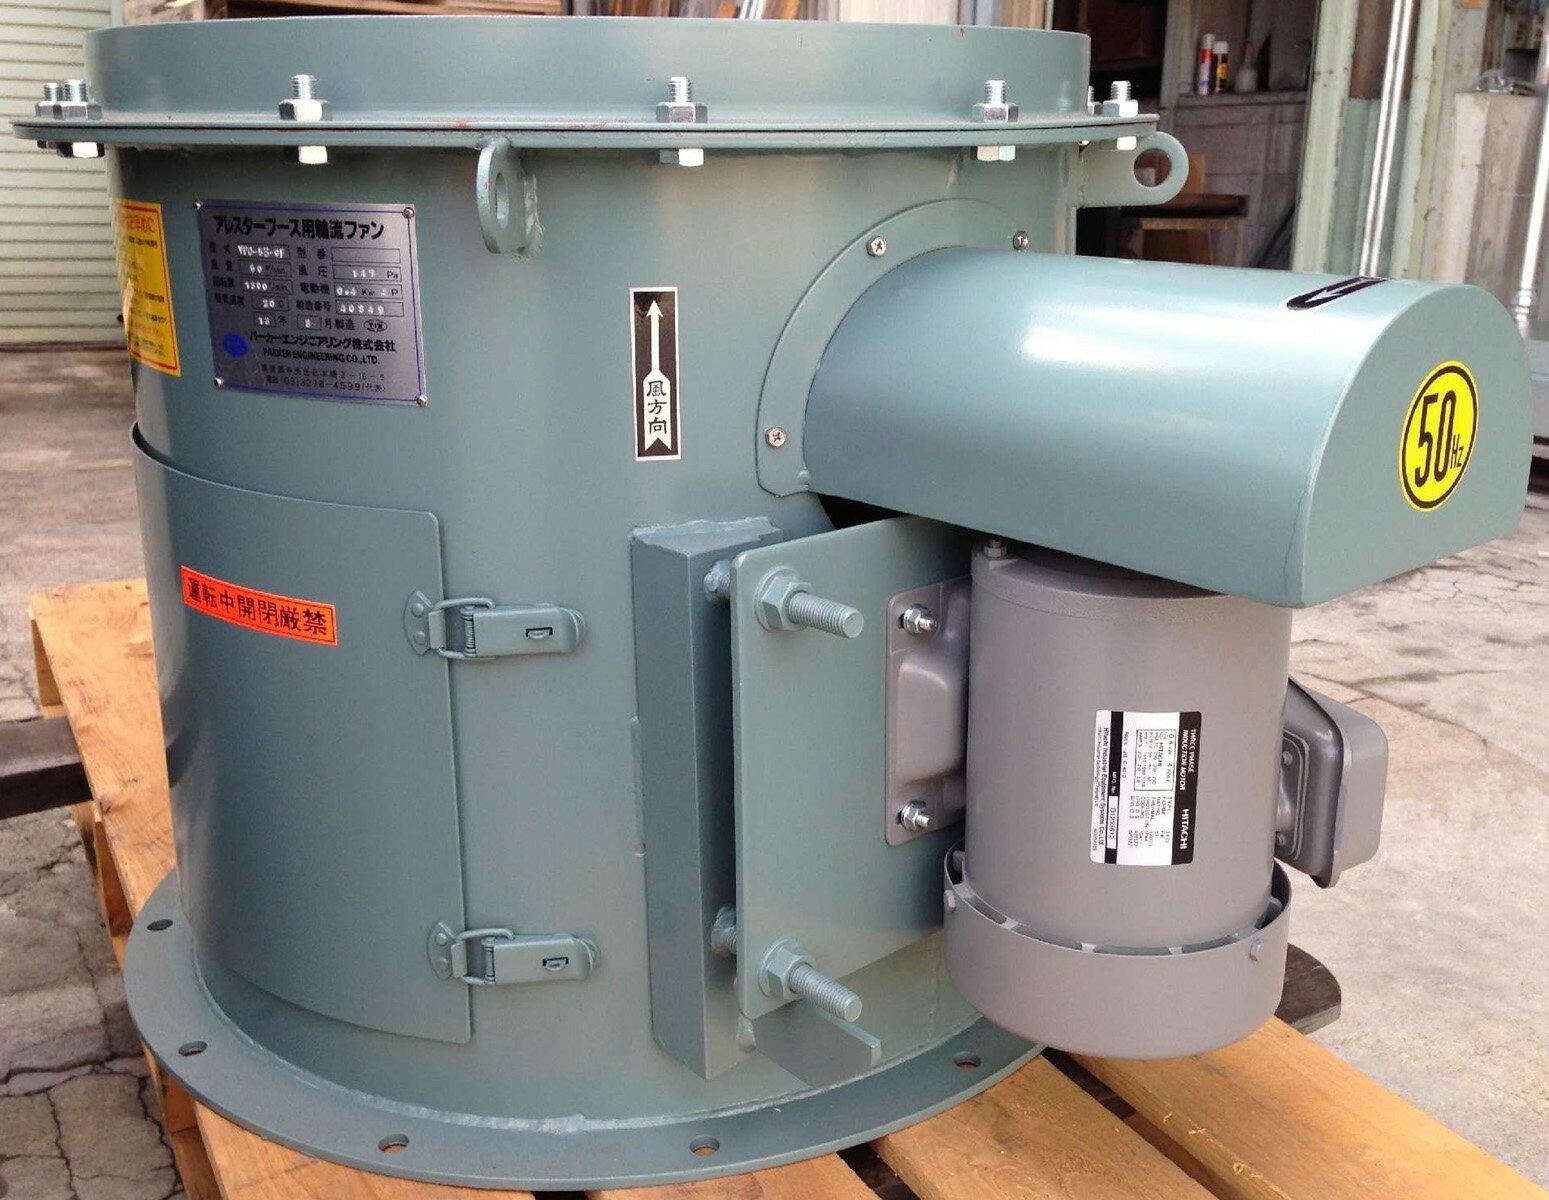 新アレスター軸流ファンVPO-6B-2F 60HZ PFB軸流ファンF型 点検窓型